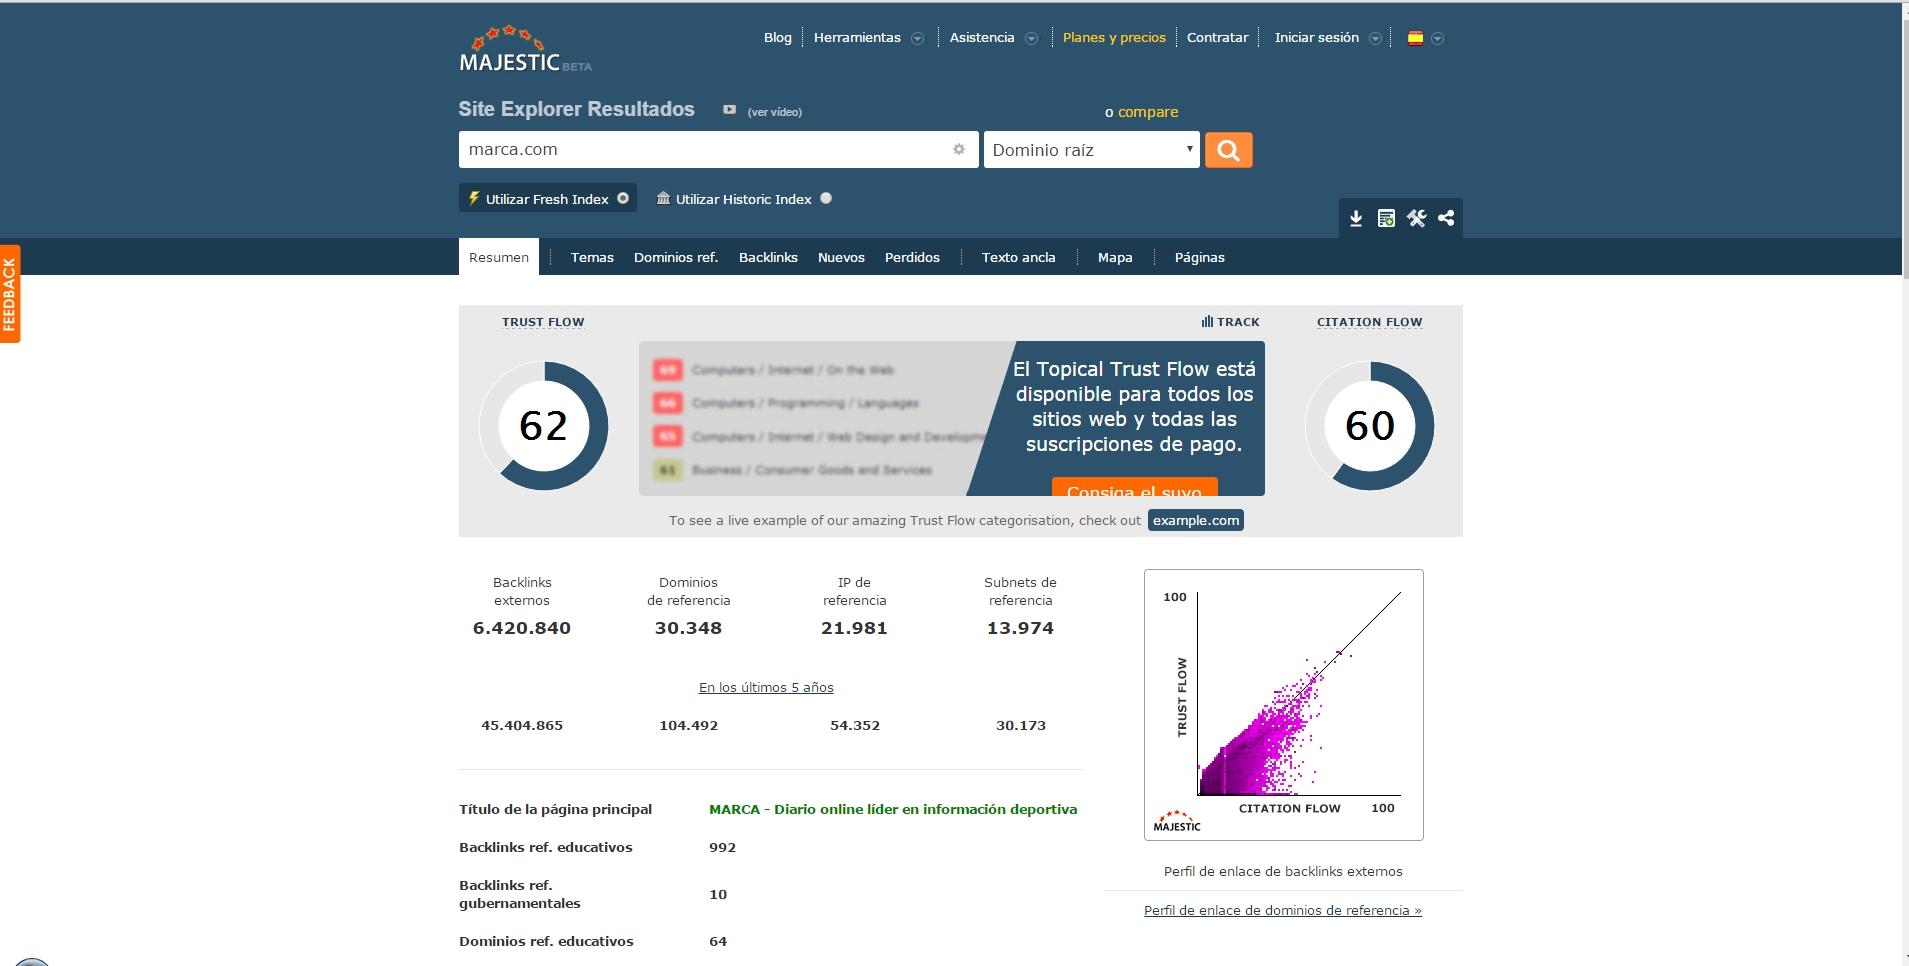 Herramientas SEO - Análisis Competencia y Backlinks | Majestic